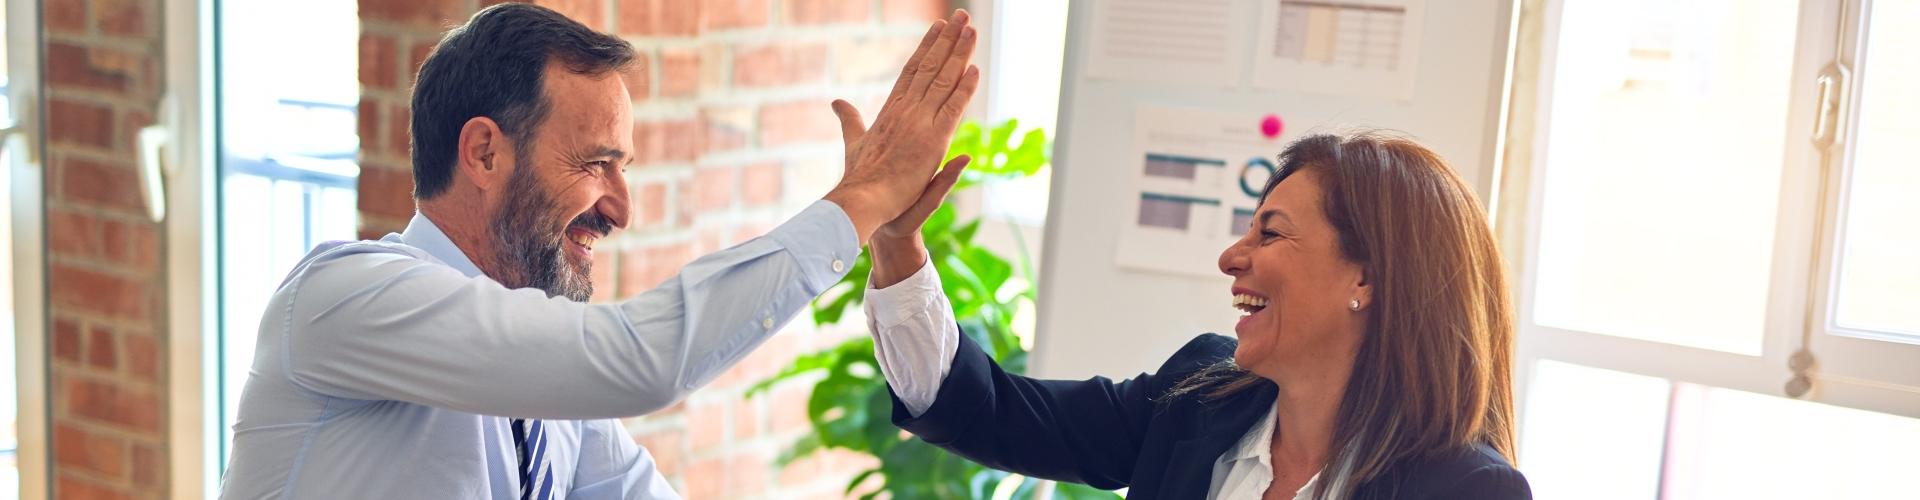 timemanagement voor secretaresse en manager